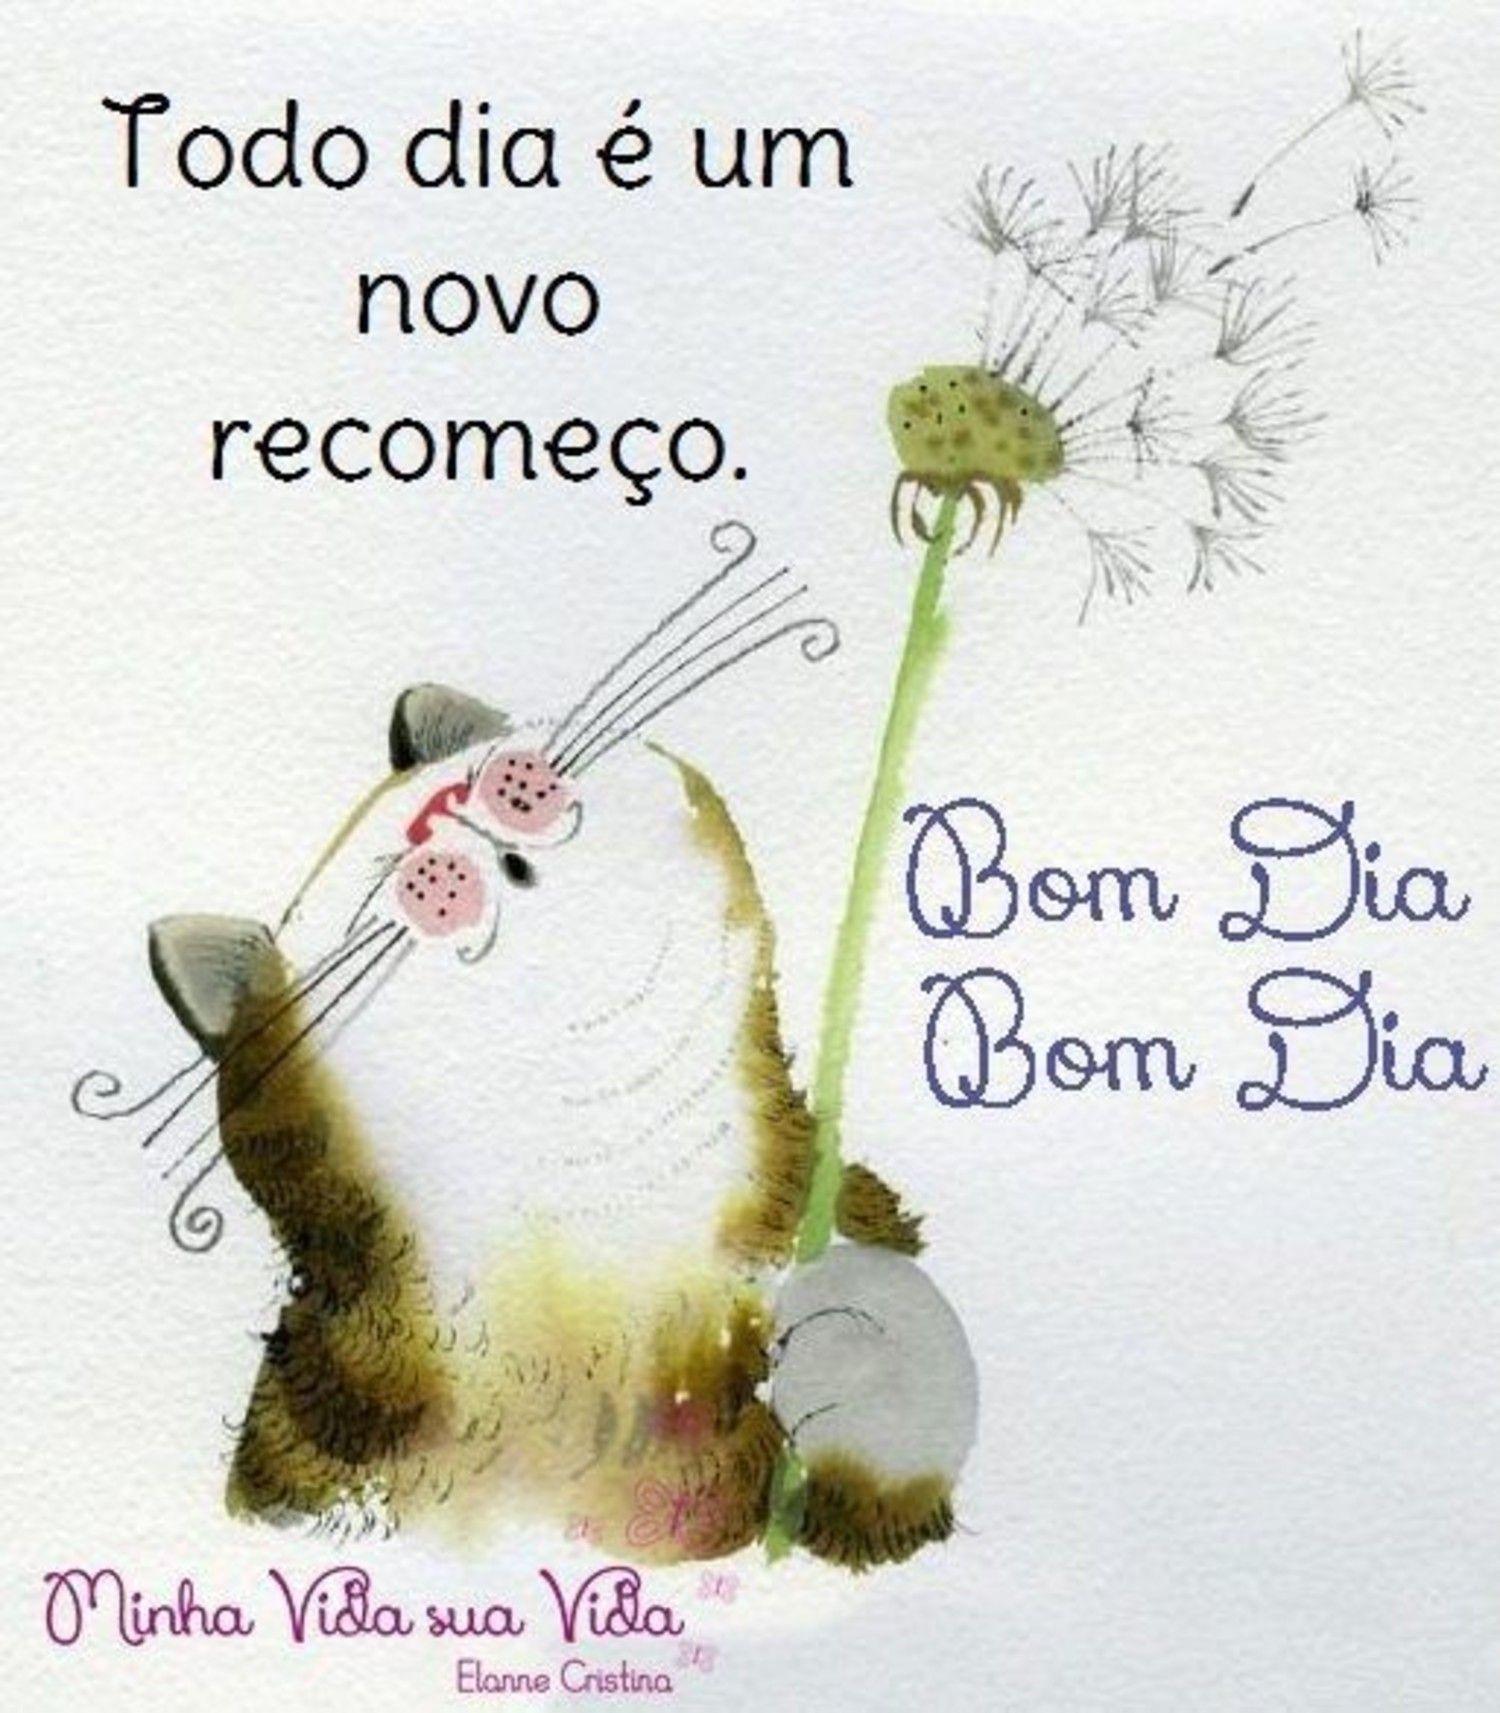 Bom Dia Amigos Imagensbomdia Net Bom Dia Frases De Bom Dia